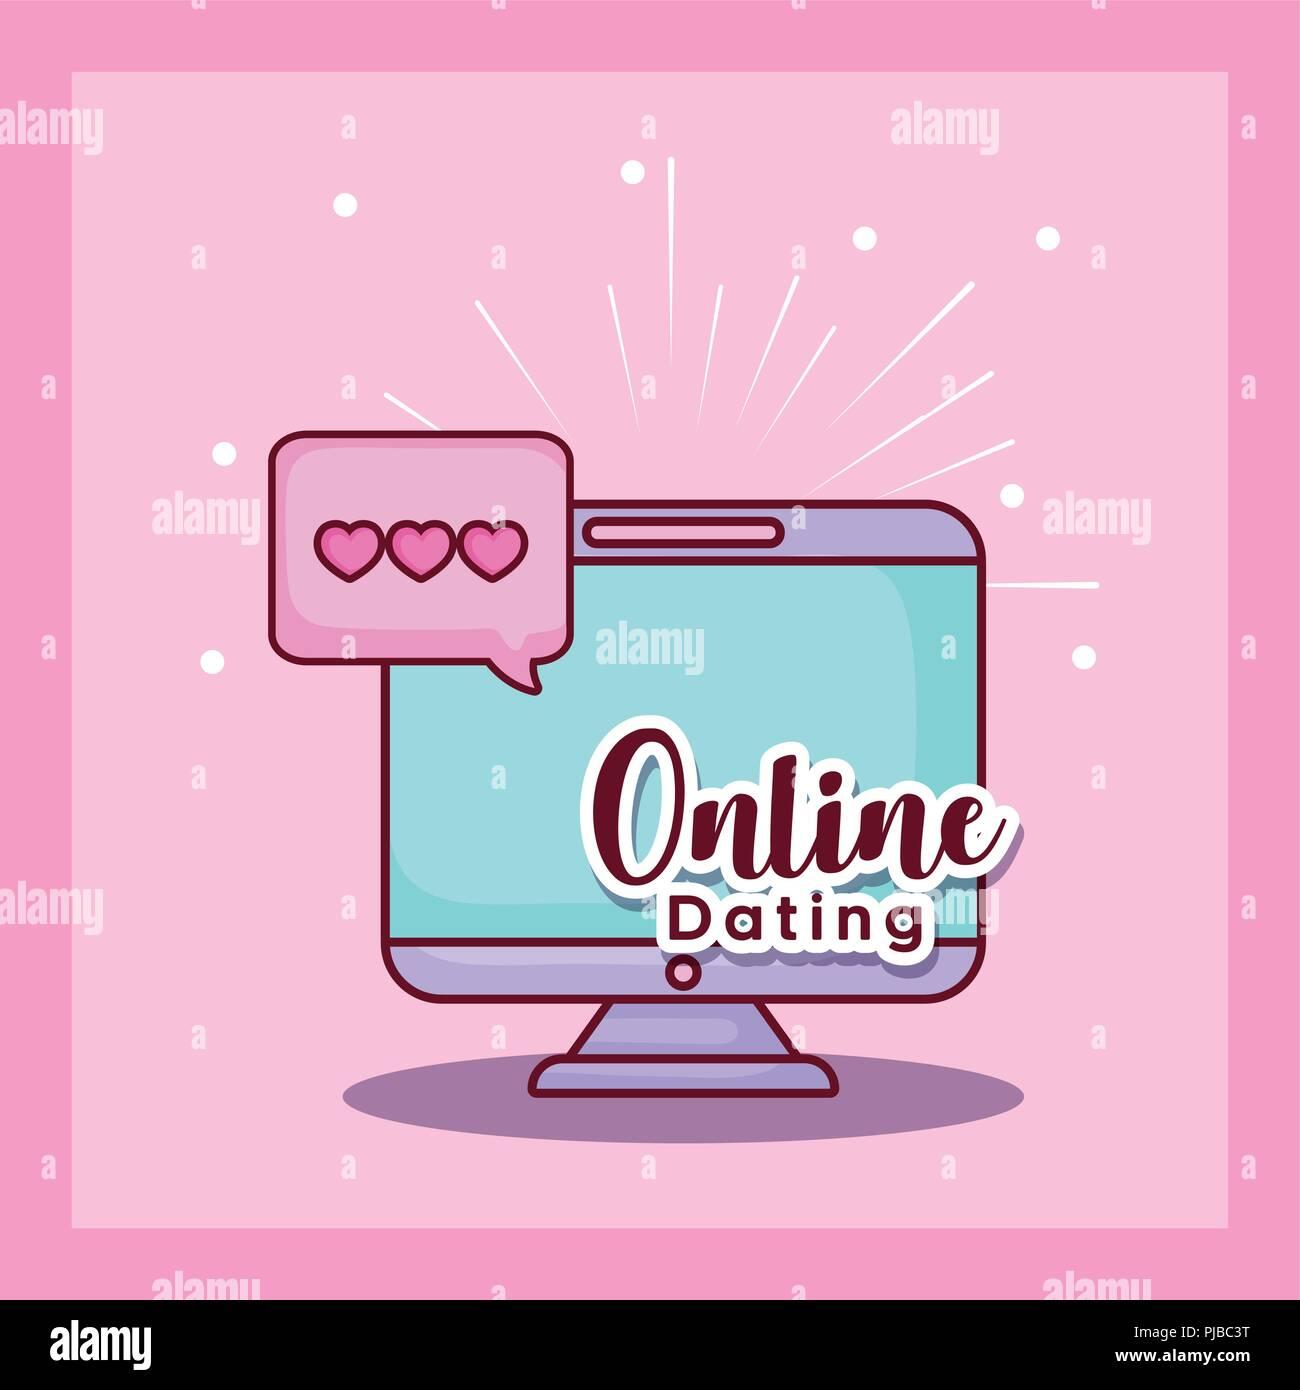 Mensaje del equipo amor chat online dating ilustración vectorial Ilustración del Vector